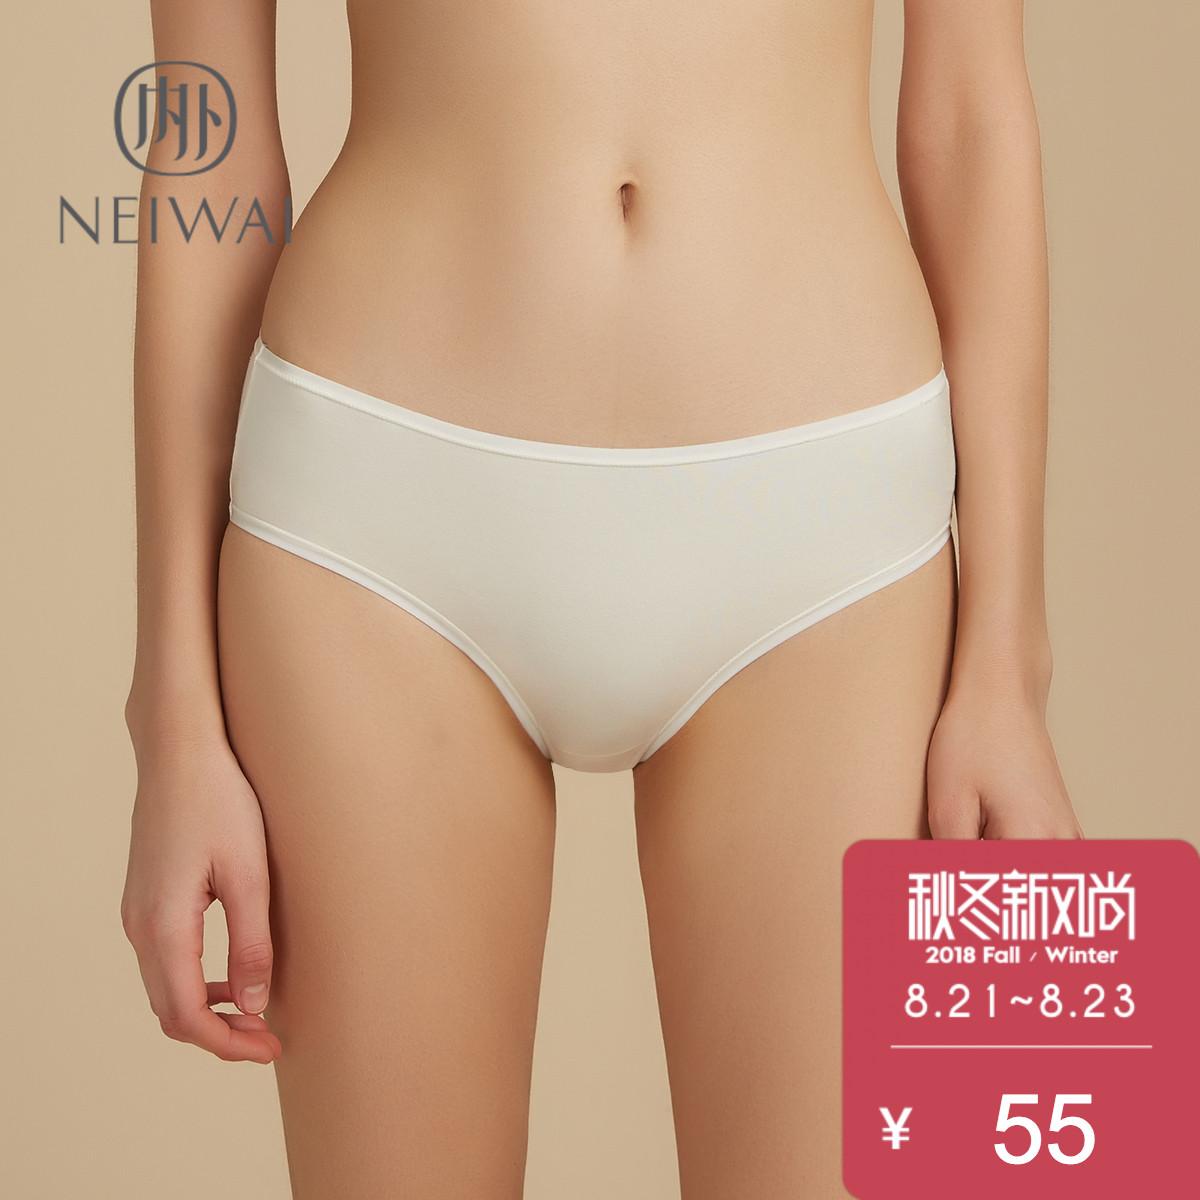 女士中腰内裤收腹提臀舒适棉质透气纯色零敏系列NEIWAI内外